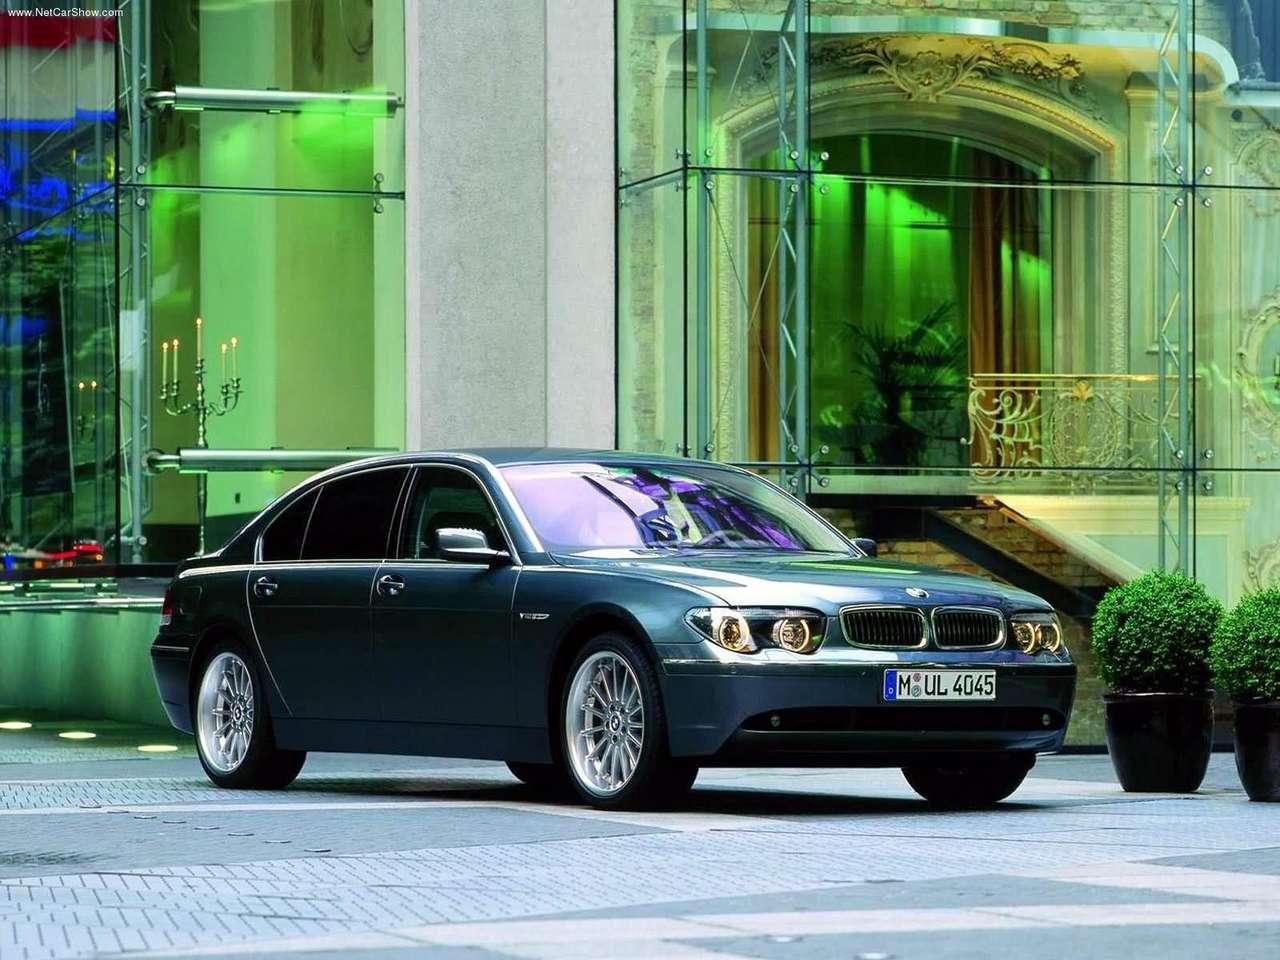 http://4.bp.blogspot.com/_vPMjJG-enrk/TAt32C_qiFI/AAAAAAAAC4s/m7RD_EXHu7c/s1600/BMW-760Li_E66_2003_1280x960_wallpaper_01.jpg